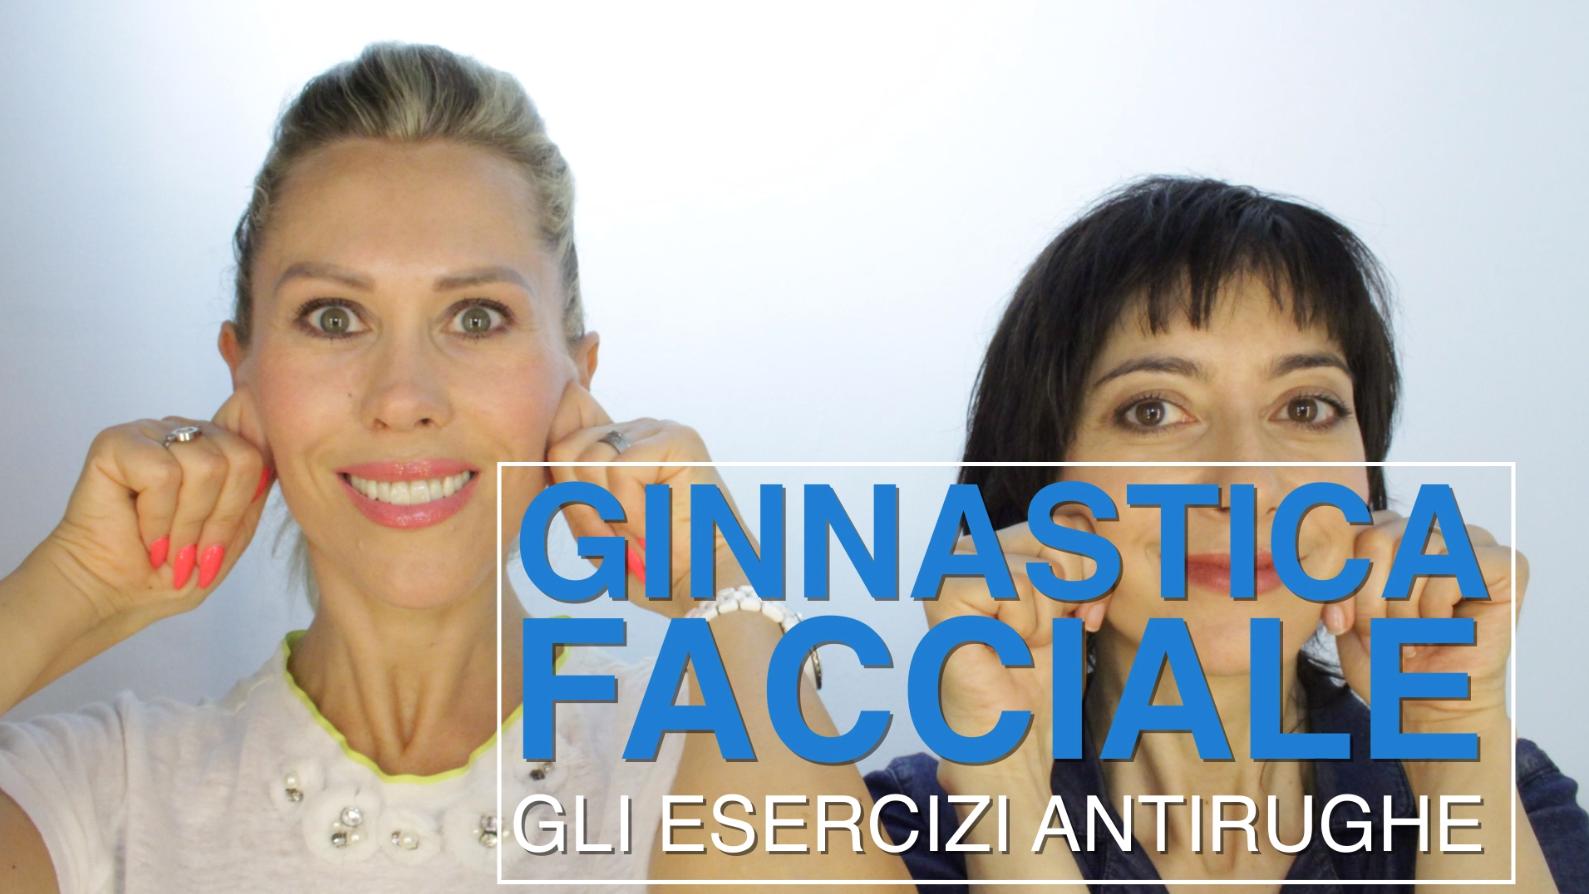 ginnastica facciale